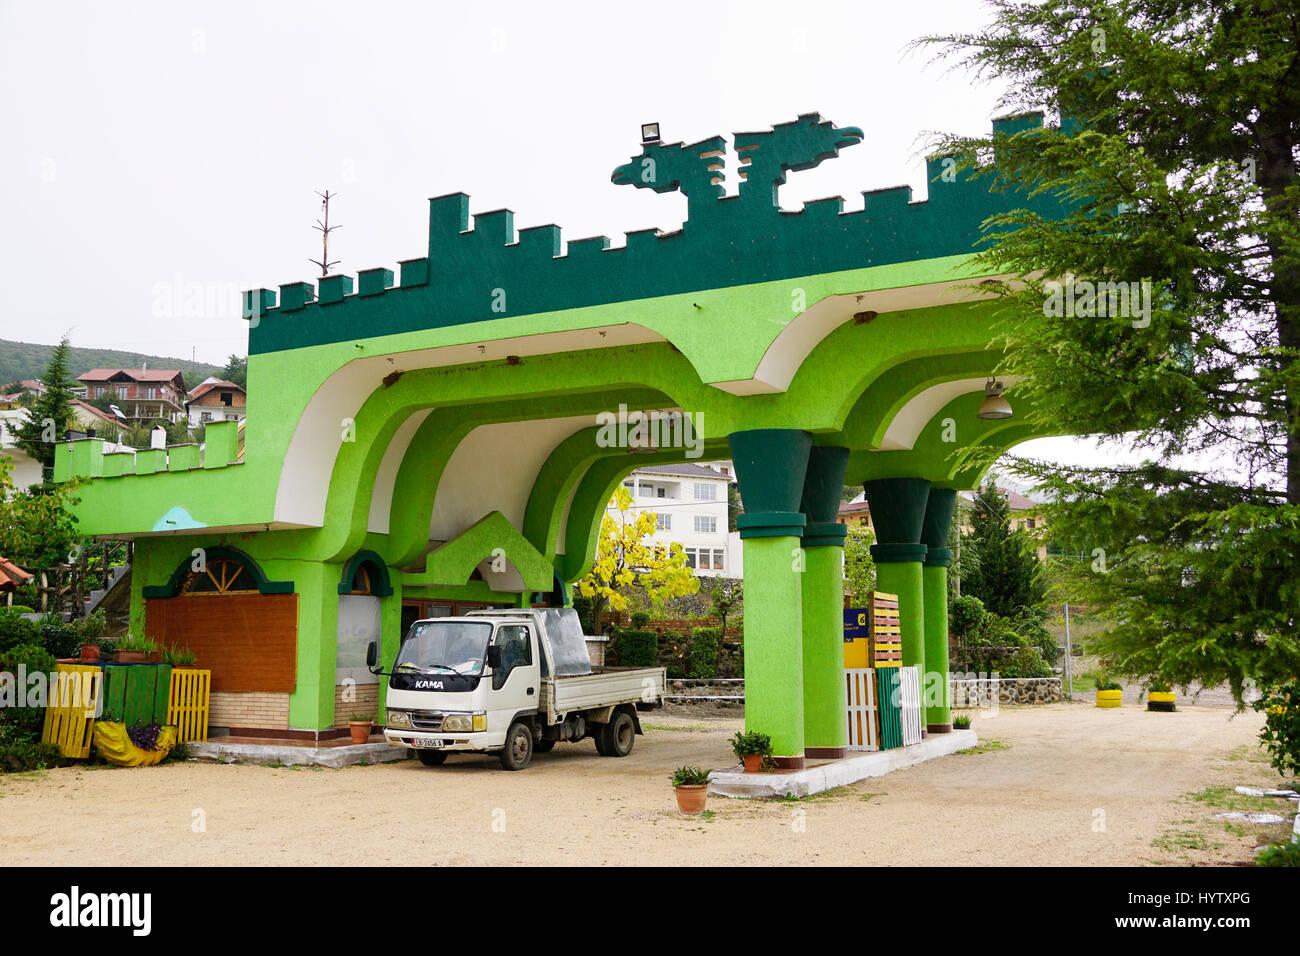 Arquitectura única de gasolinera en Albania. Imagen De Stock